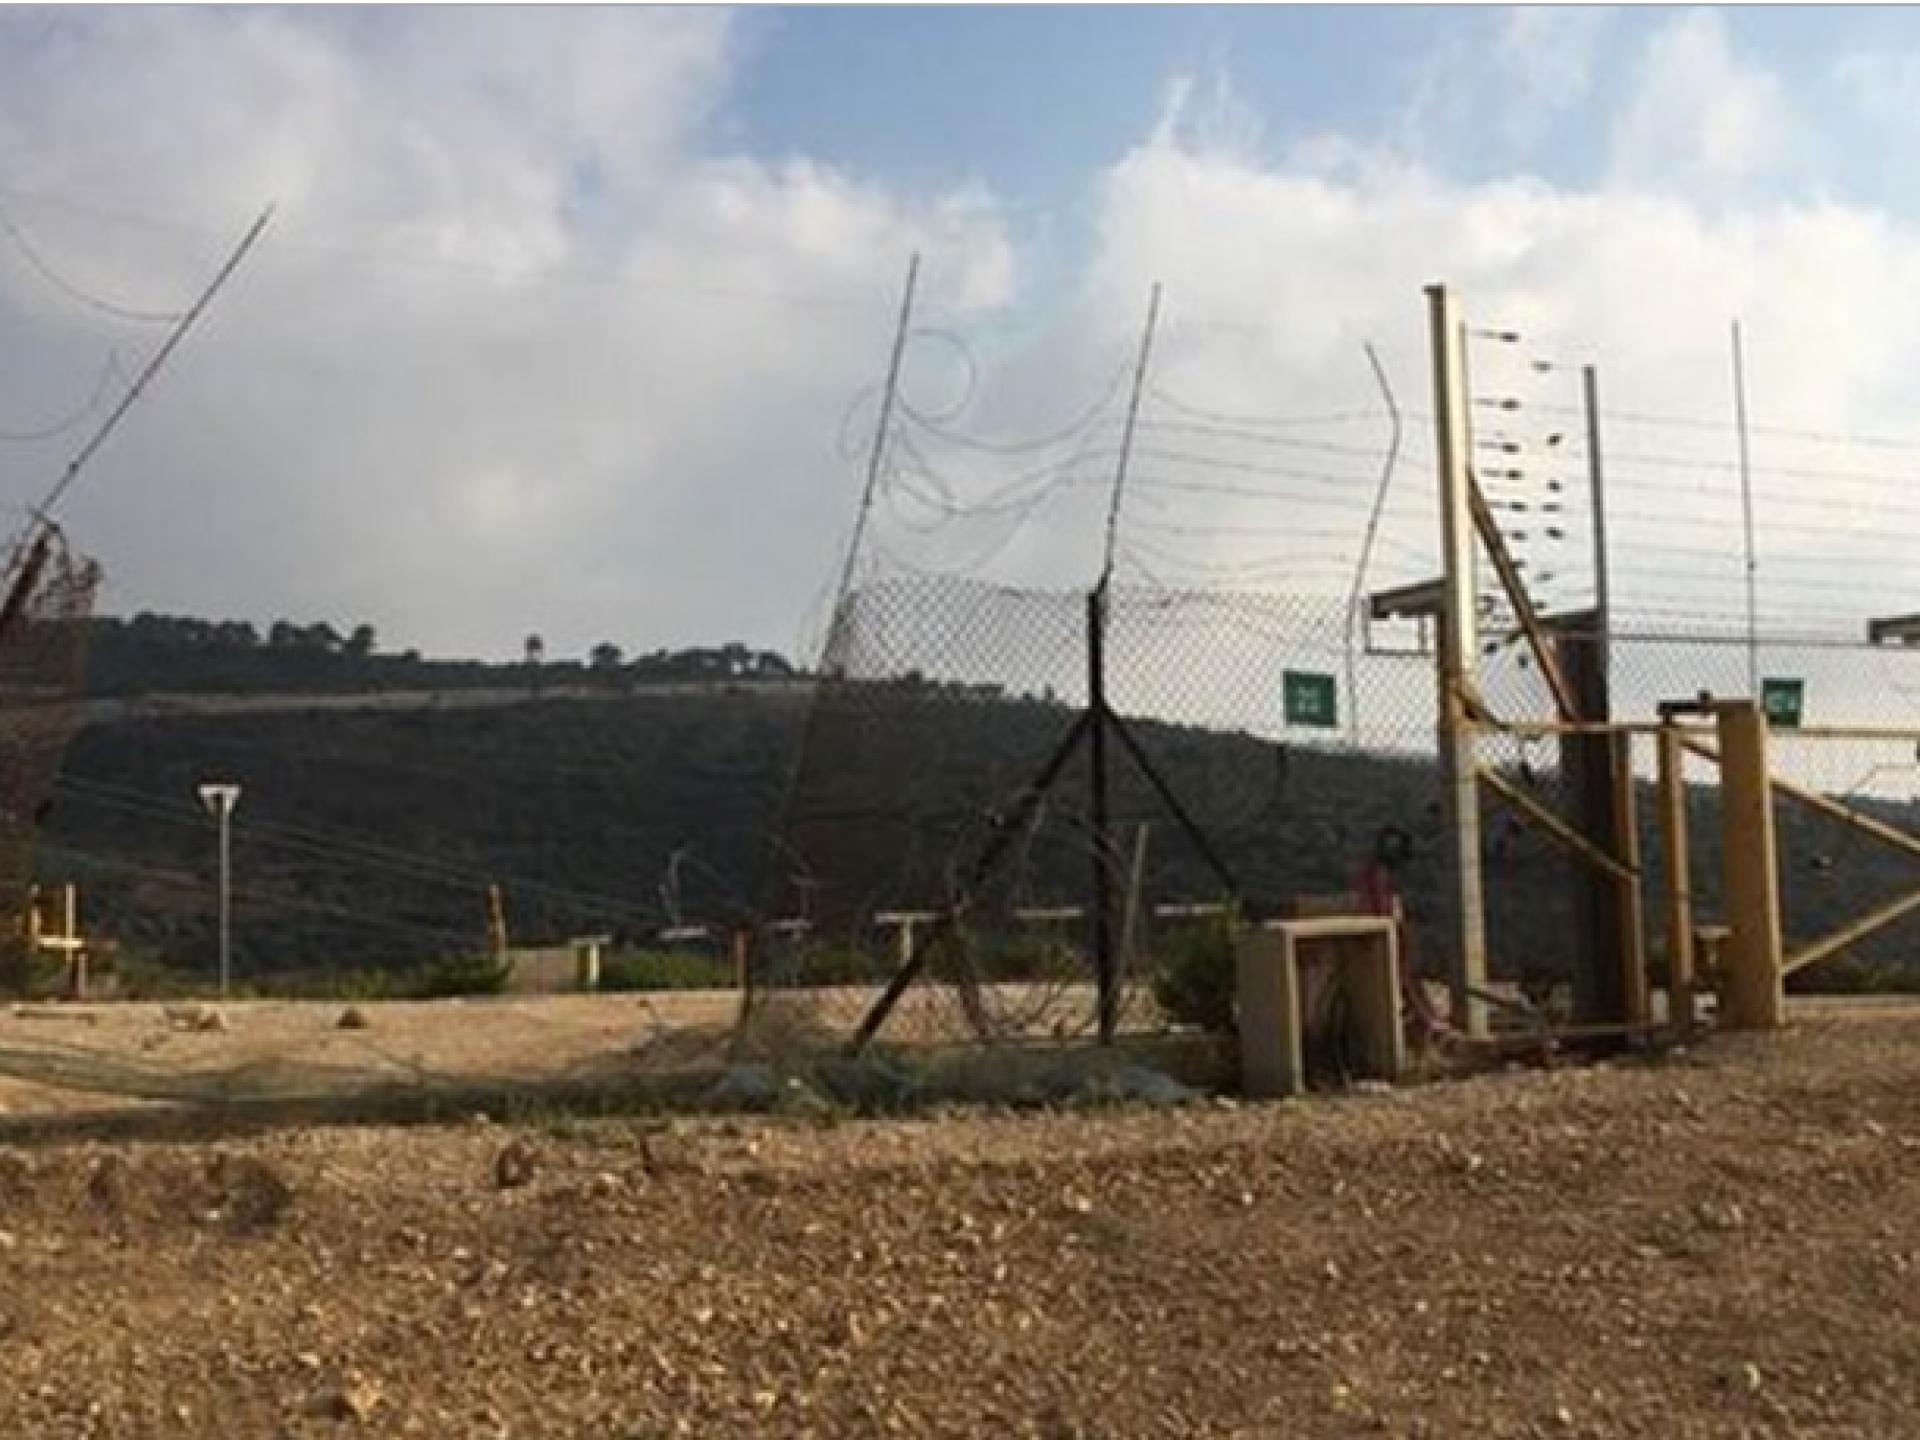 רואים שער צהוב נעול באמצע המחסום ולידו פִרצה גדולה בגדר